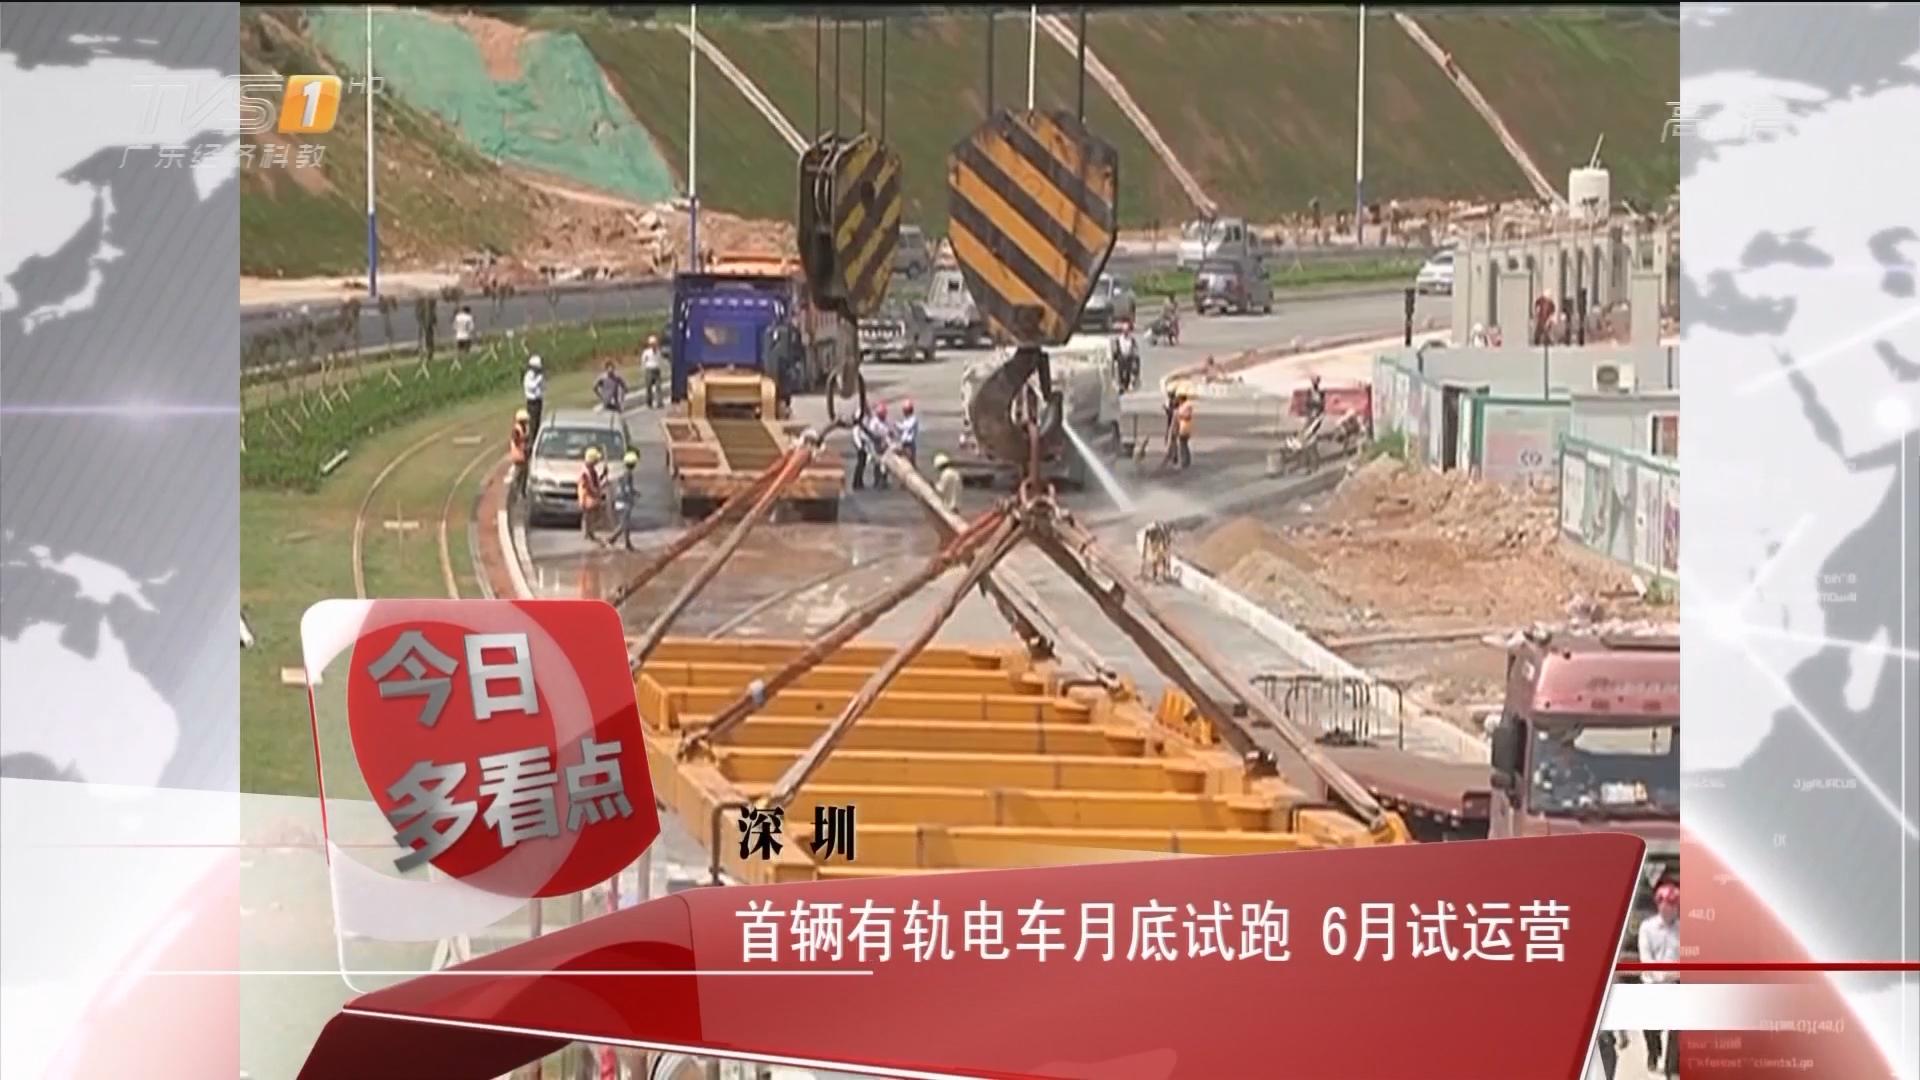 深圳:首辆有轨电车月底试跑 6月试运营